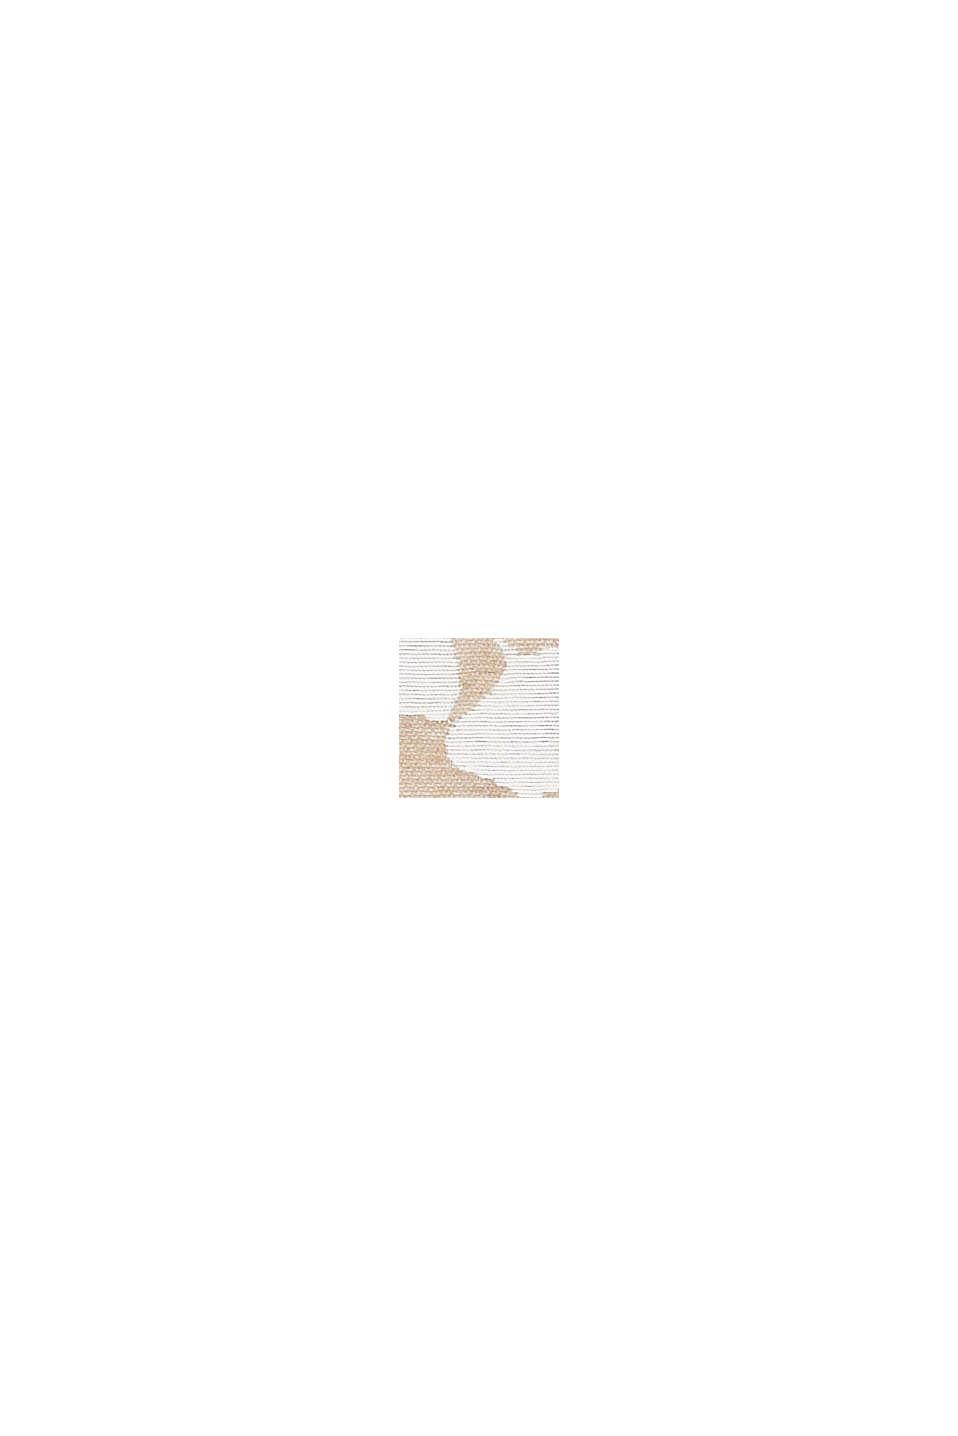 Kussenhoes met ginkgo-intarsia, CARAMEL, swatch